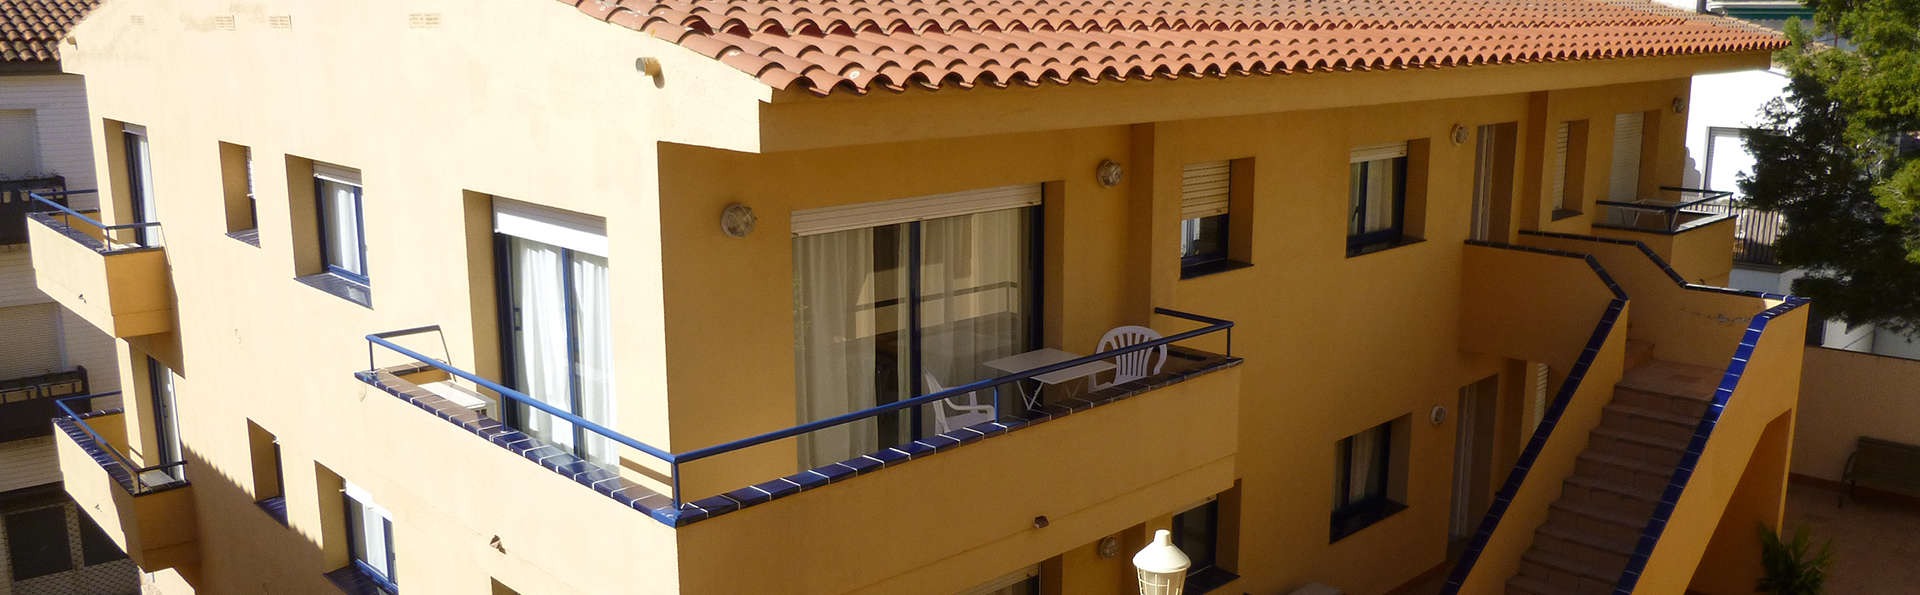 Apartaments Marblau - EDIT_APARTAMENTS_MARBLAU_6.JPG